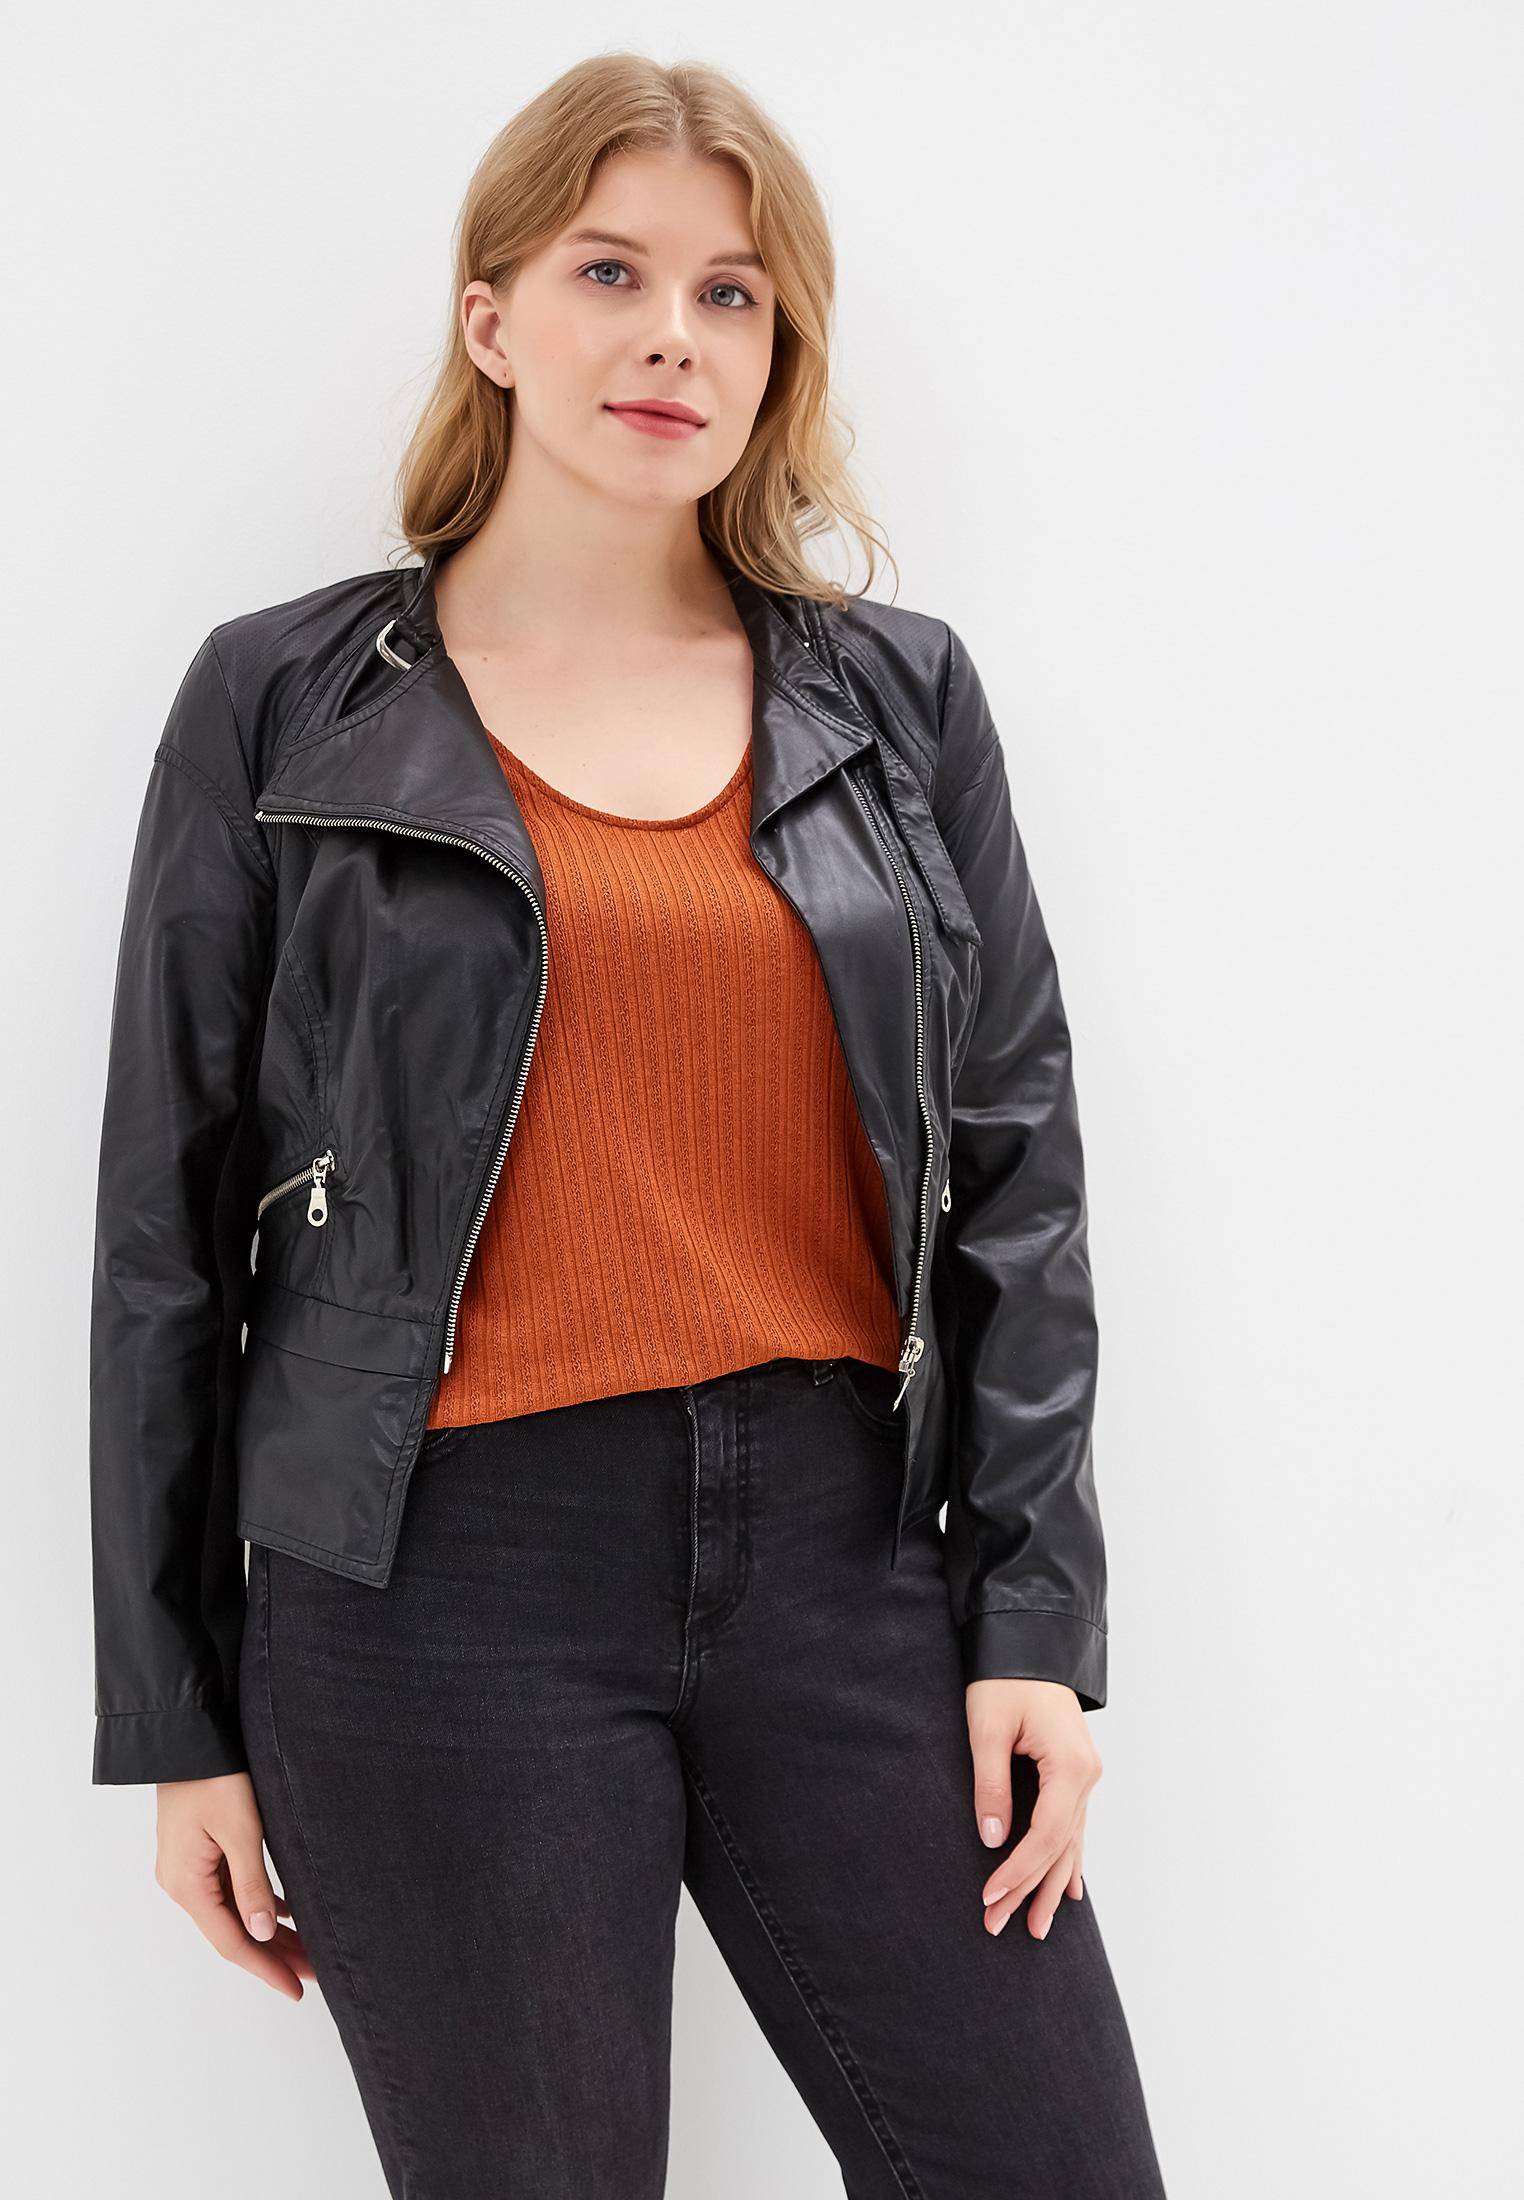 Куртка кожаная, Beatris, цвет: черный. Артикул: MP002XW0RFU7. Одежда / Верхняя одежда / Косухи